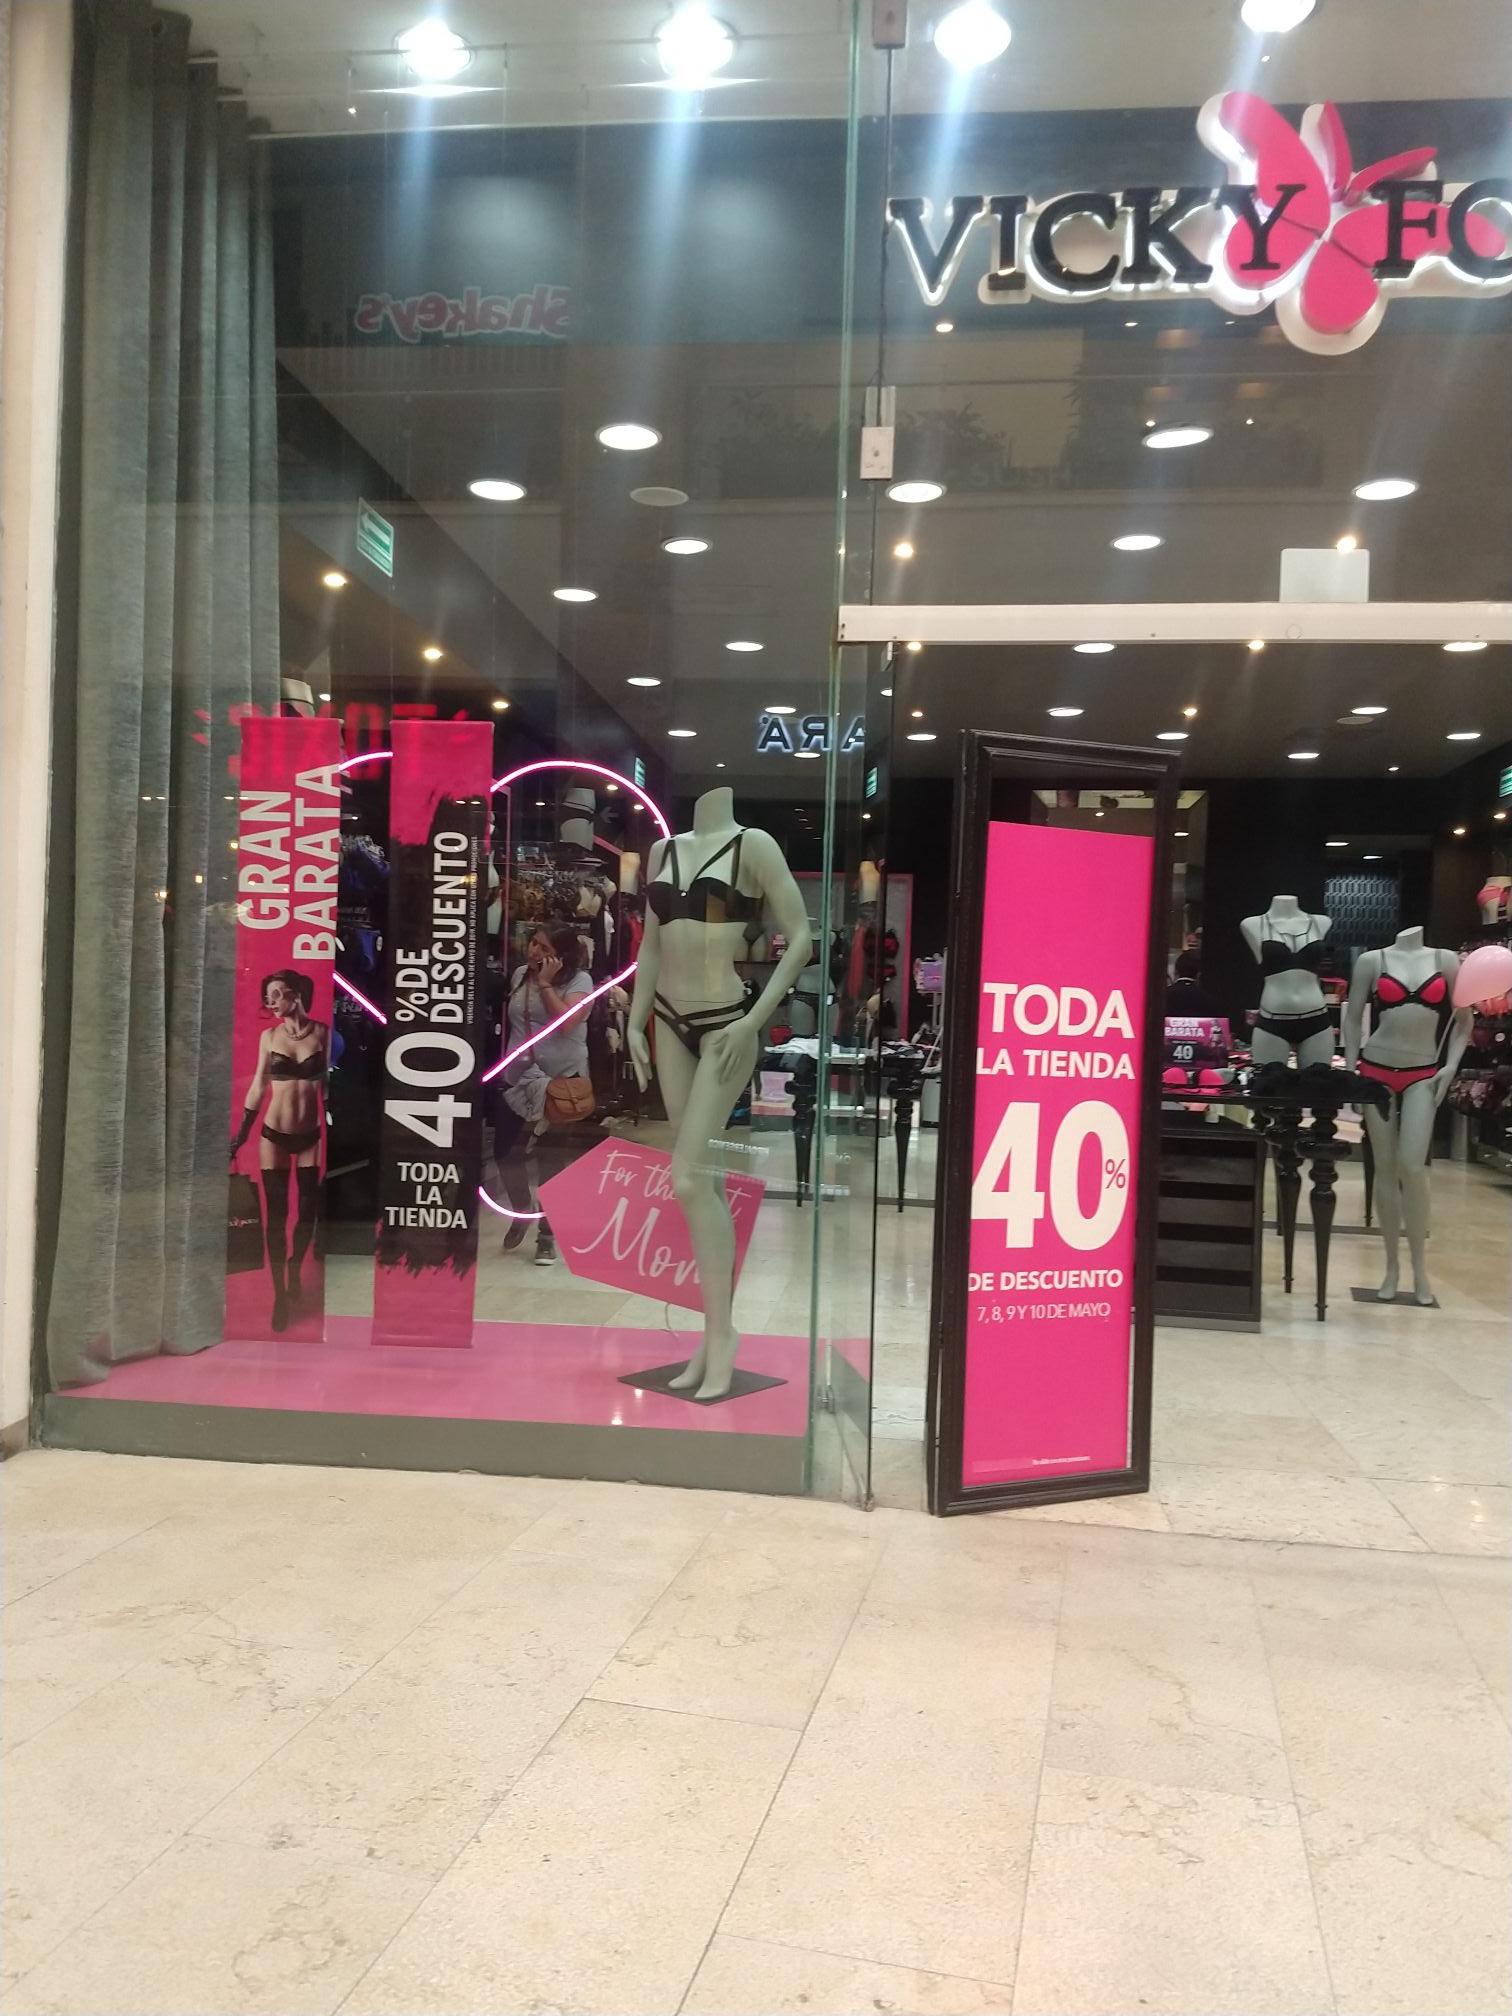 Vicky Form 40% de descuento en toda la tienda